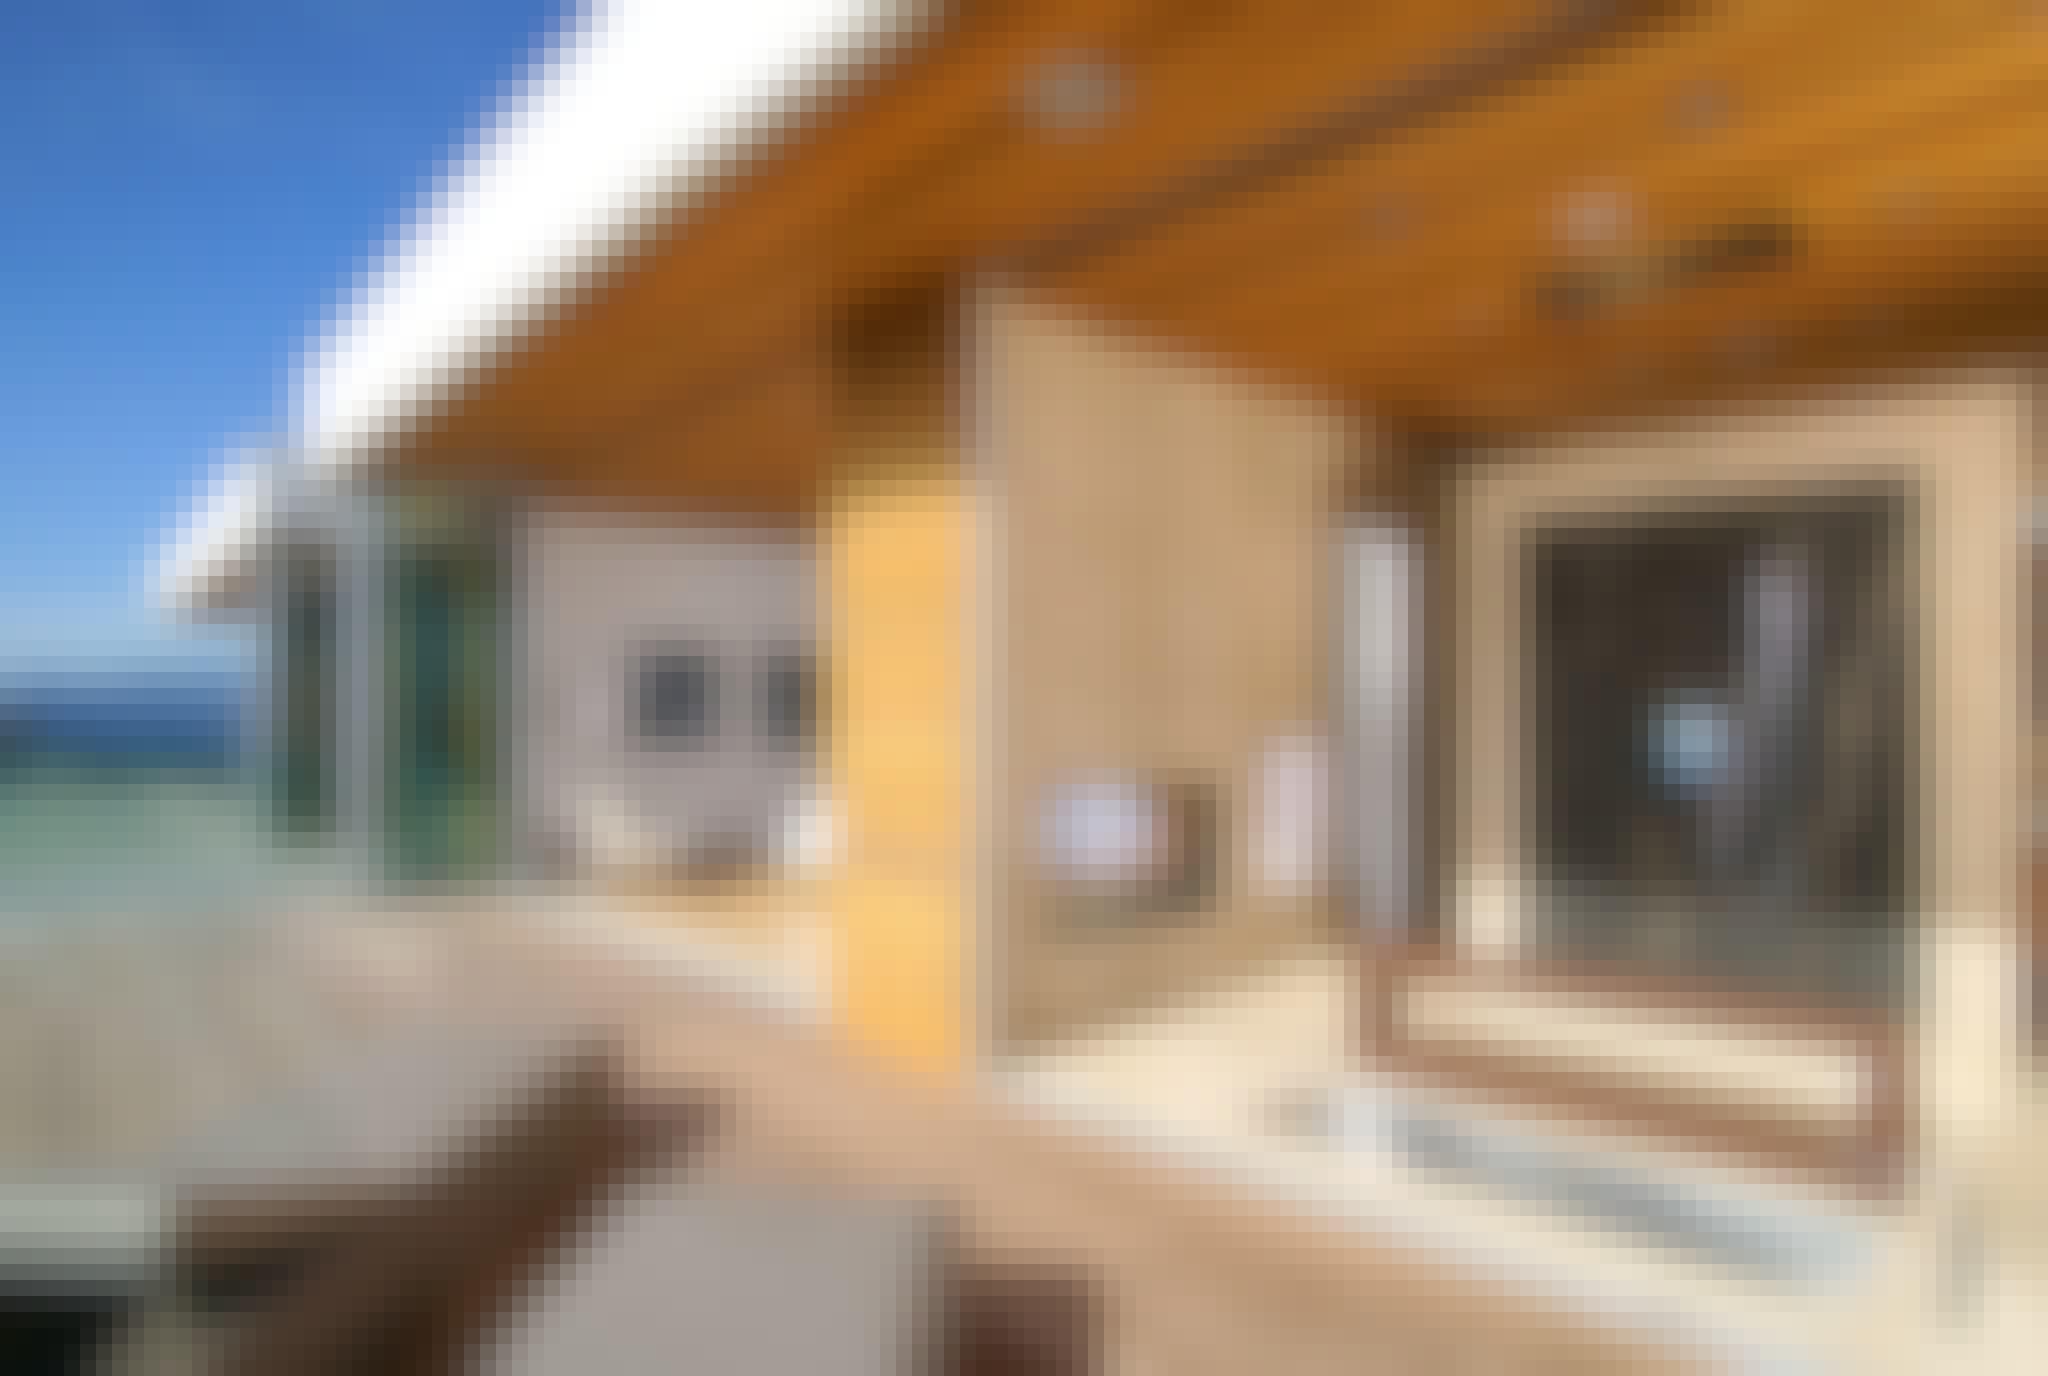 retractable glass doors create indoor outdoor bathroom